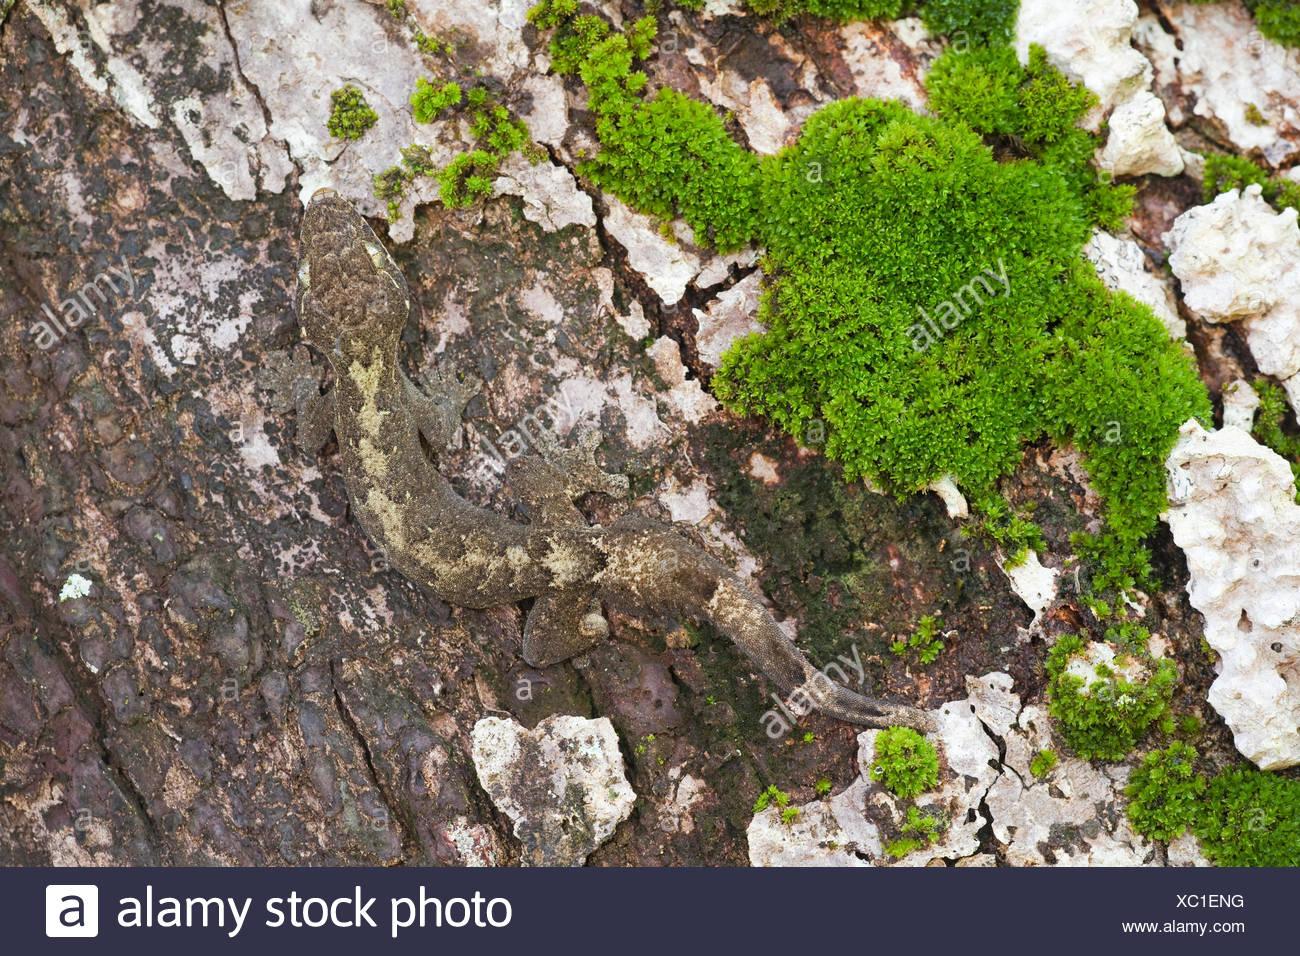 Foto di una rapa-tailed gecko sulla crogiolarsi di un albero, difficilmente visibile a causa del suo camuffamento Immagini Stock